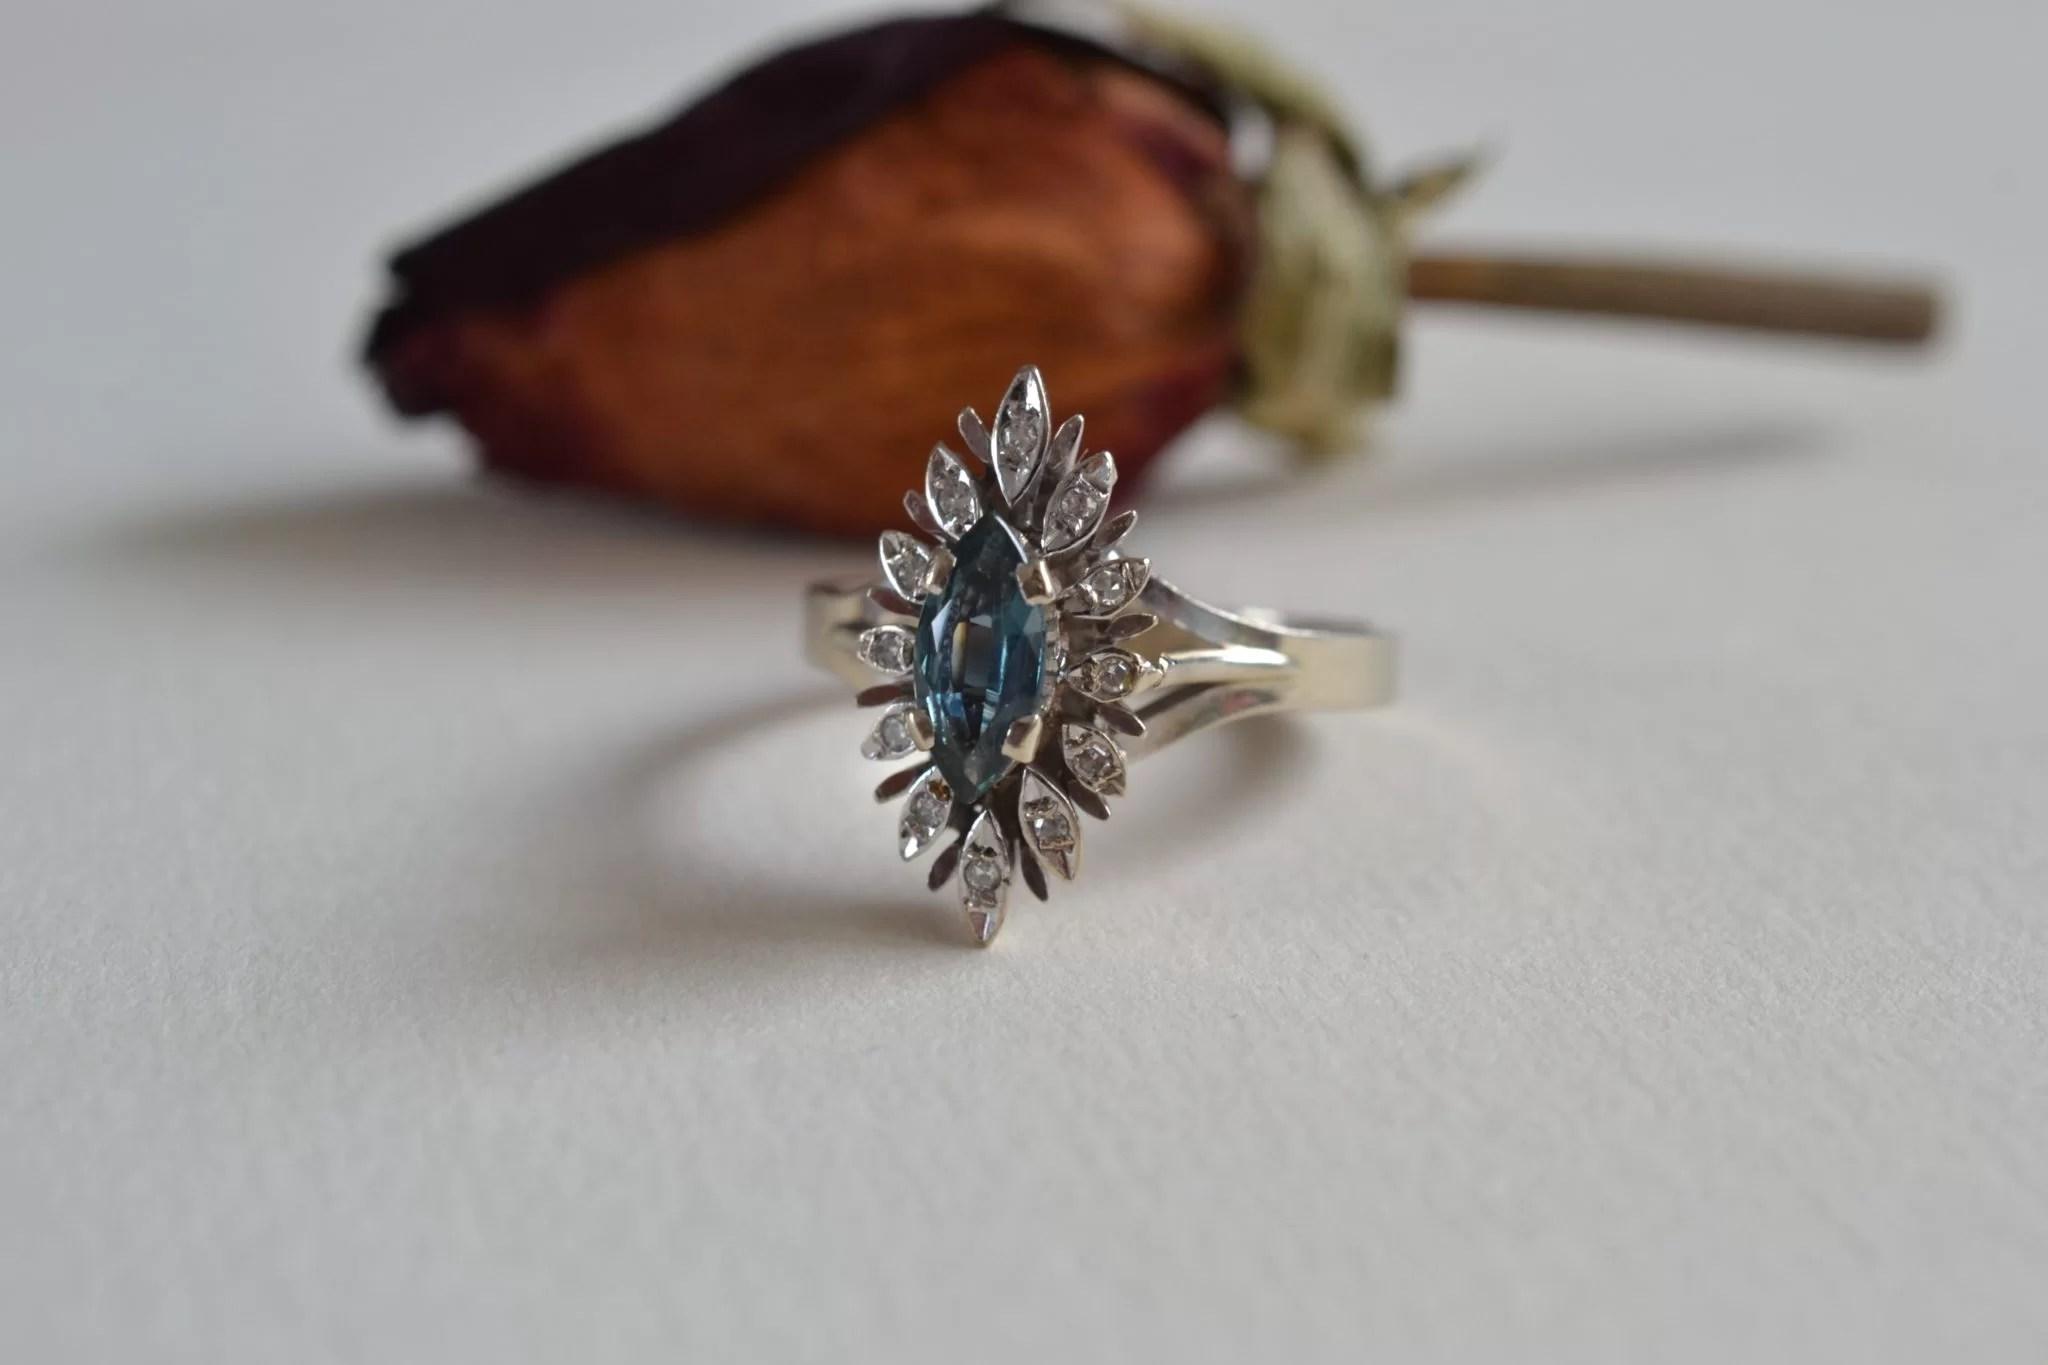 Bague en or gris de forme navette ornée d'une tourmaline bleue entourée de diamants Bague de fiançailles ancienne mariage seconde main